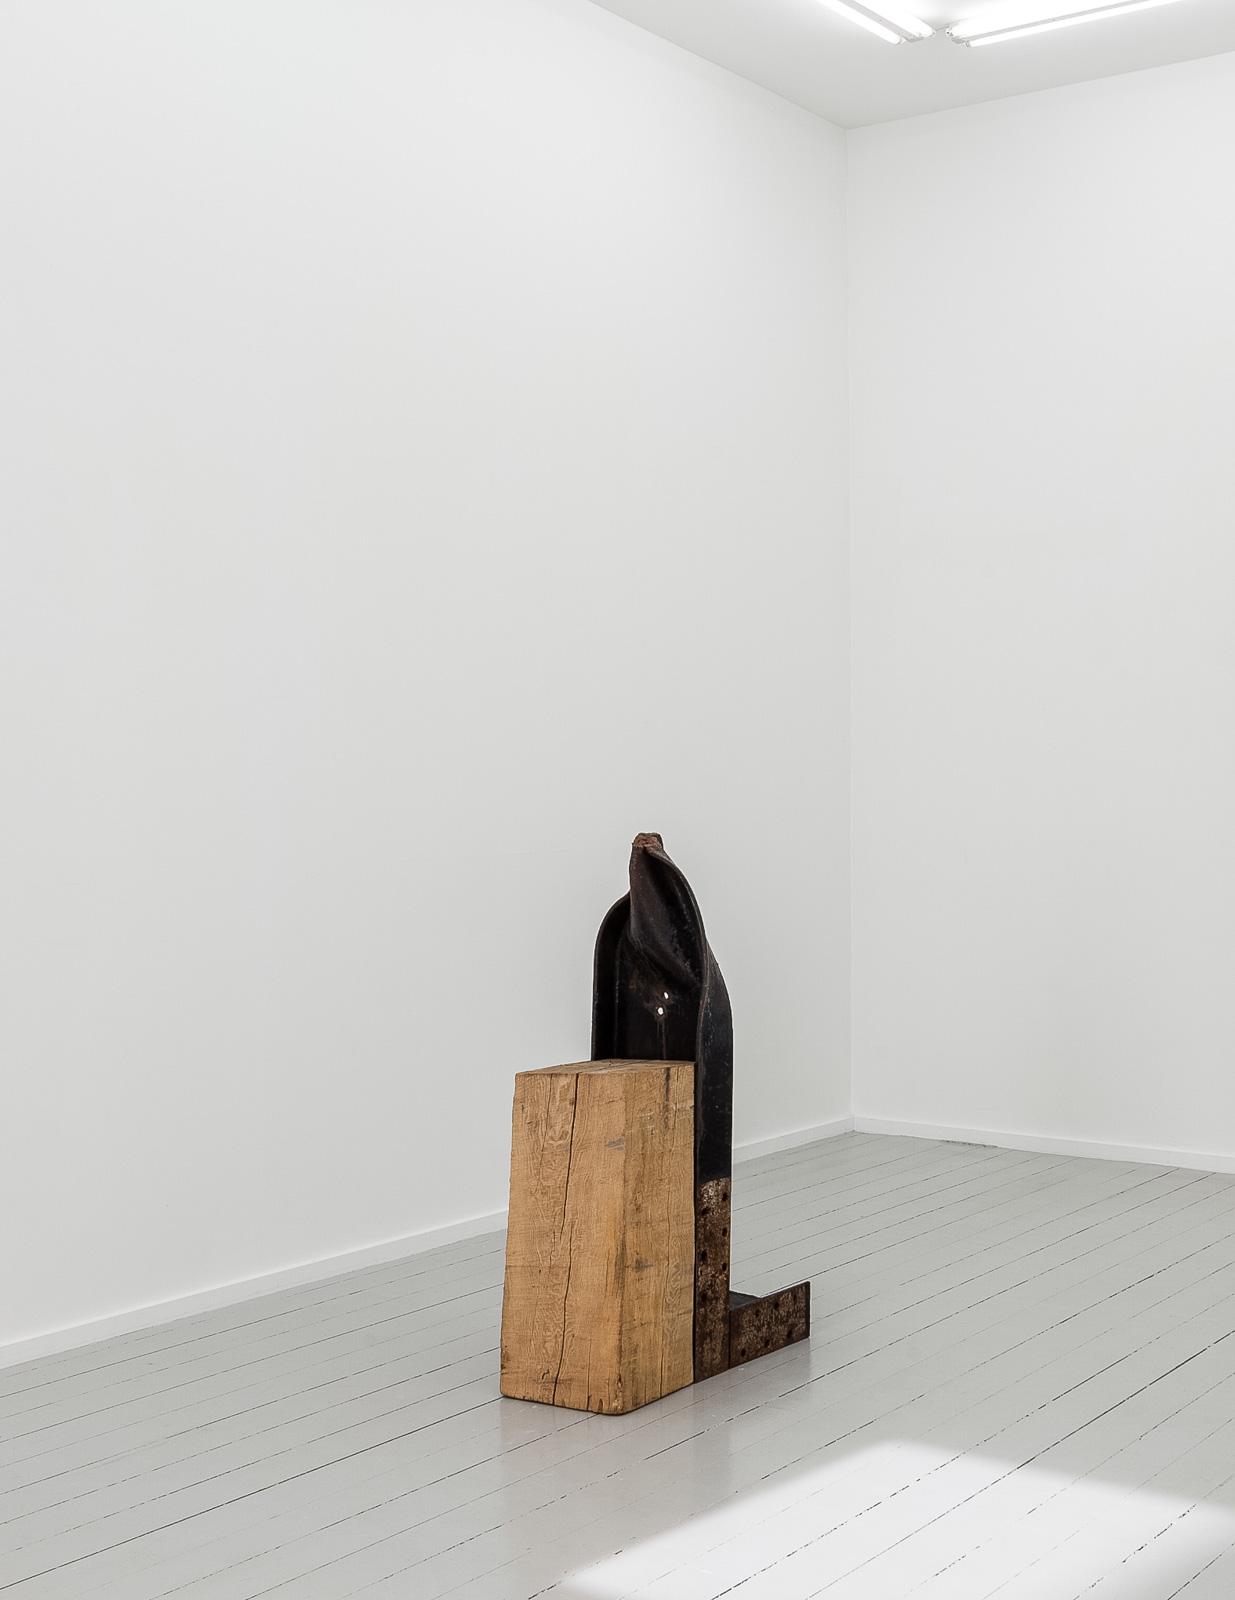 Sverre Wyller, Kolbu 5, 2017, Wood and painted steel, 110 x 75 x 33 cm